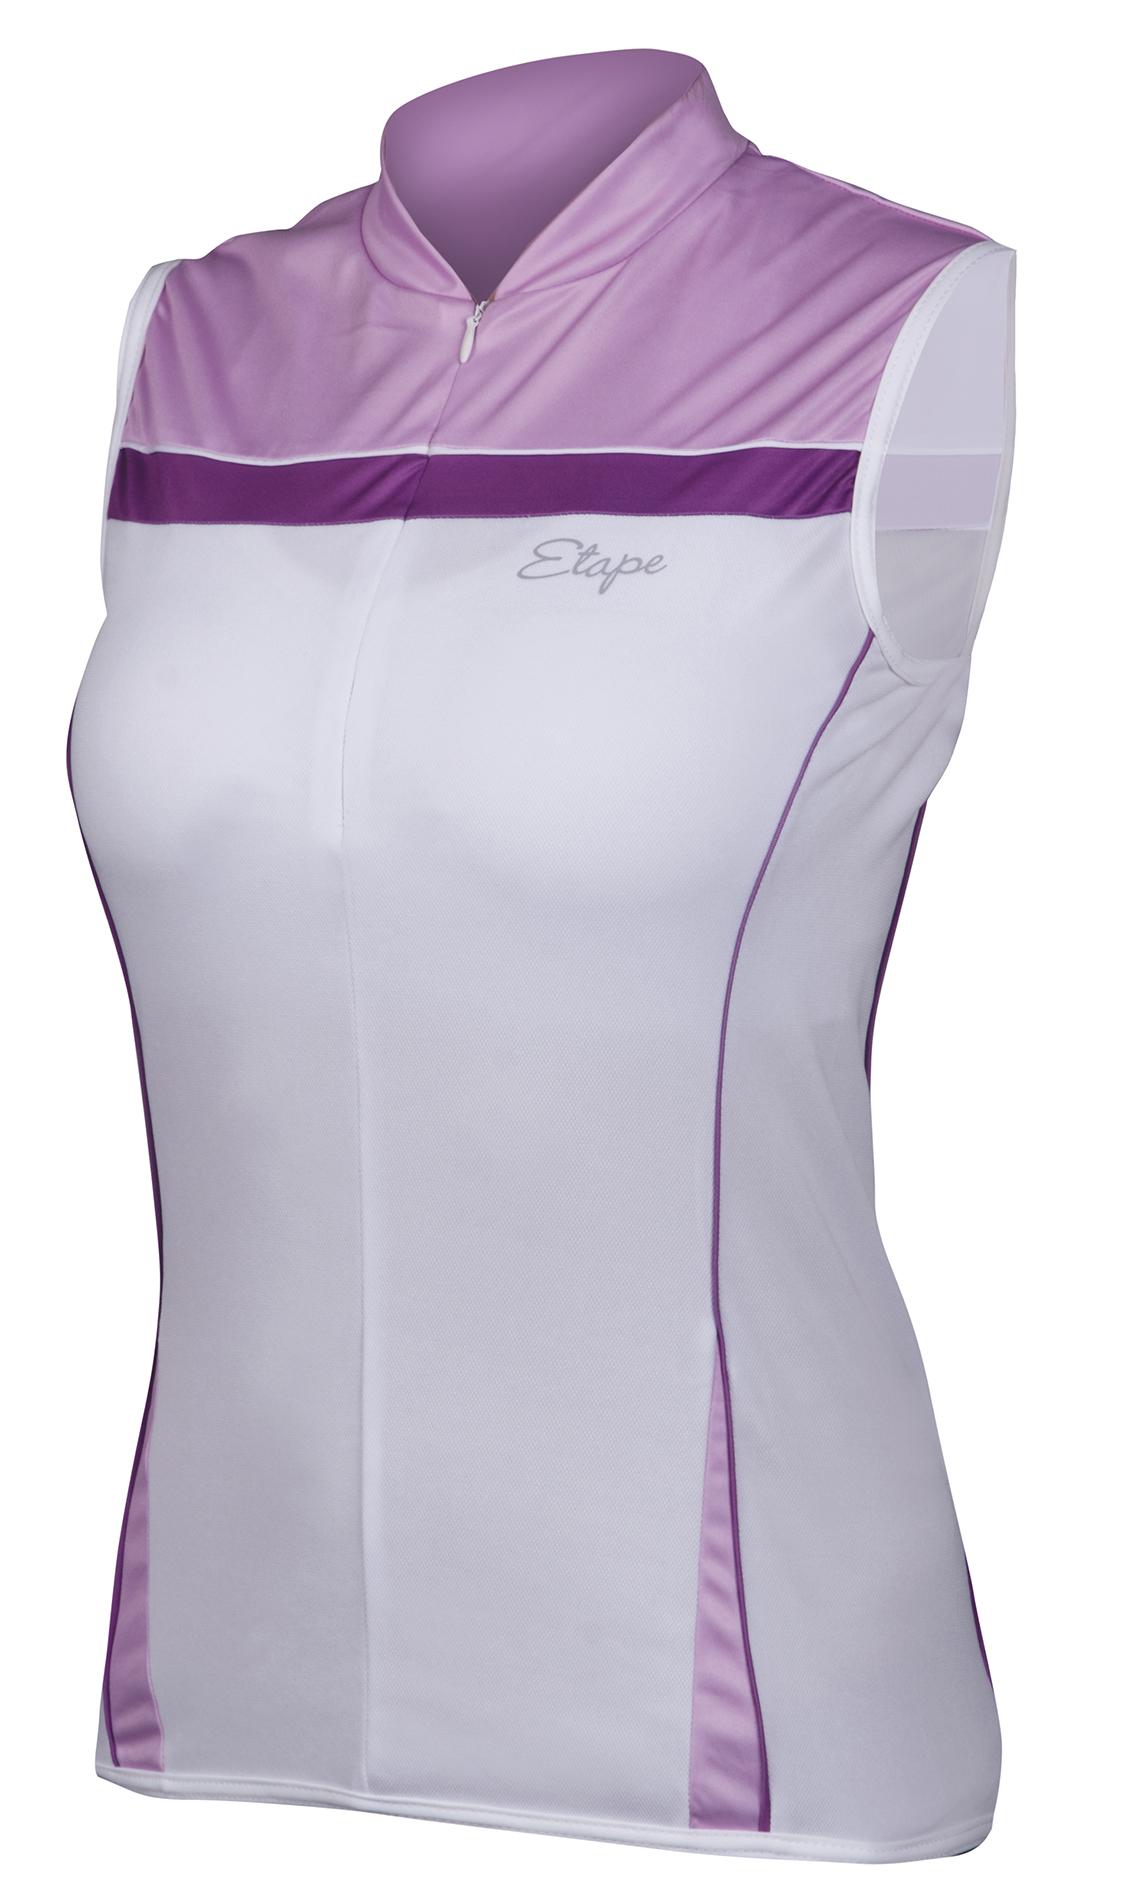 Dámský cyklistický dres ETAPE Roxy, vel. M, bílá/fialová, bez rukávů, model 2017 (Dámský dres Etape, přední skrytý zip, bez rukávů)